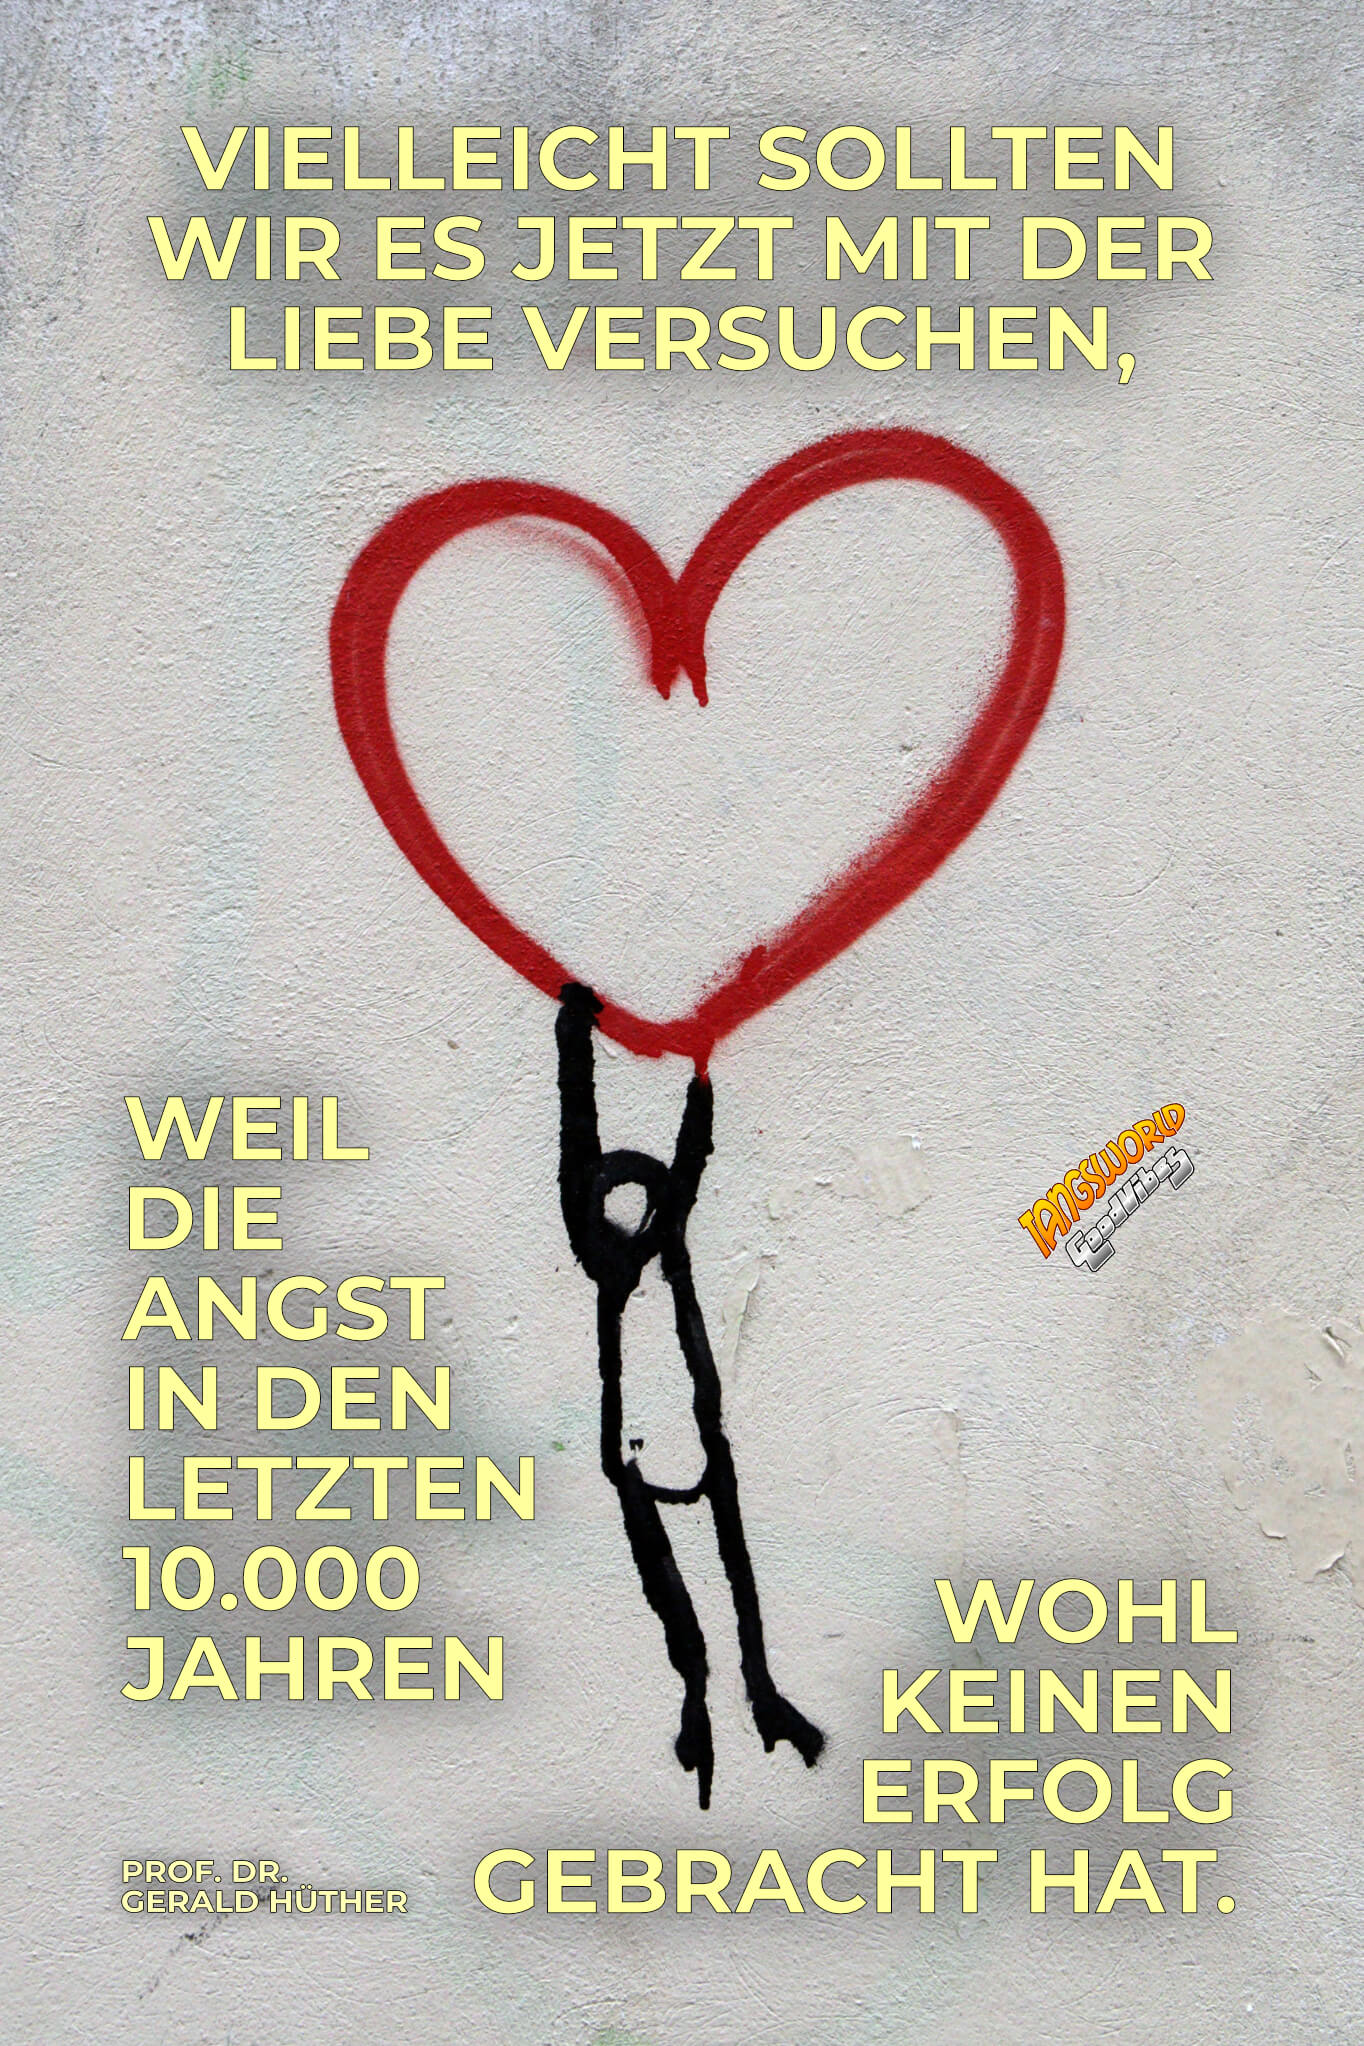 Vielleicht sollten wir es jetzt mit der Liebe versuchen, weil die Angst in den letzten 10.000 Jahren wohl keinen Erfolg gebracht hat. - GoodVibes | Prof. Dr. Gerald Hüther